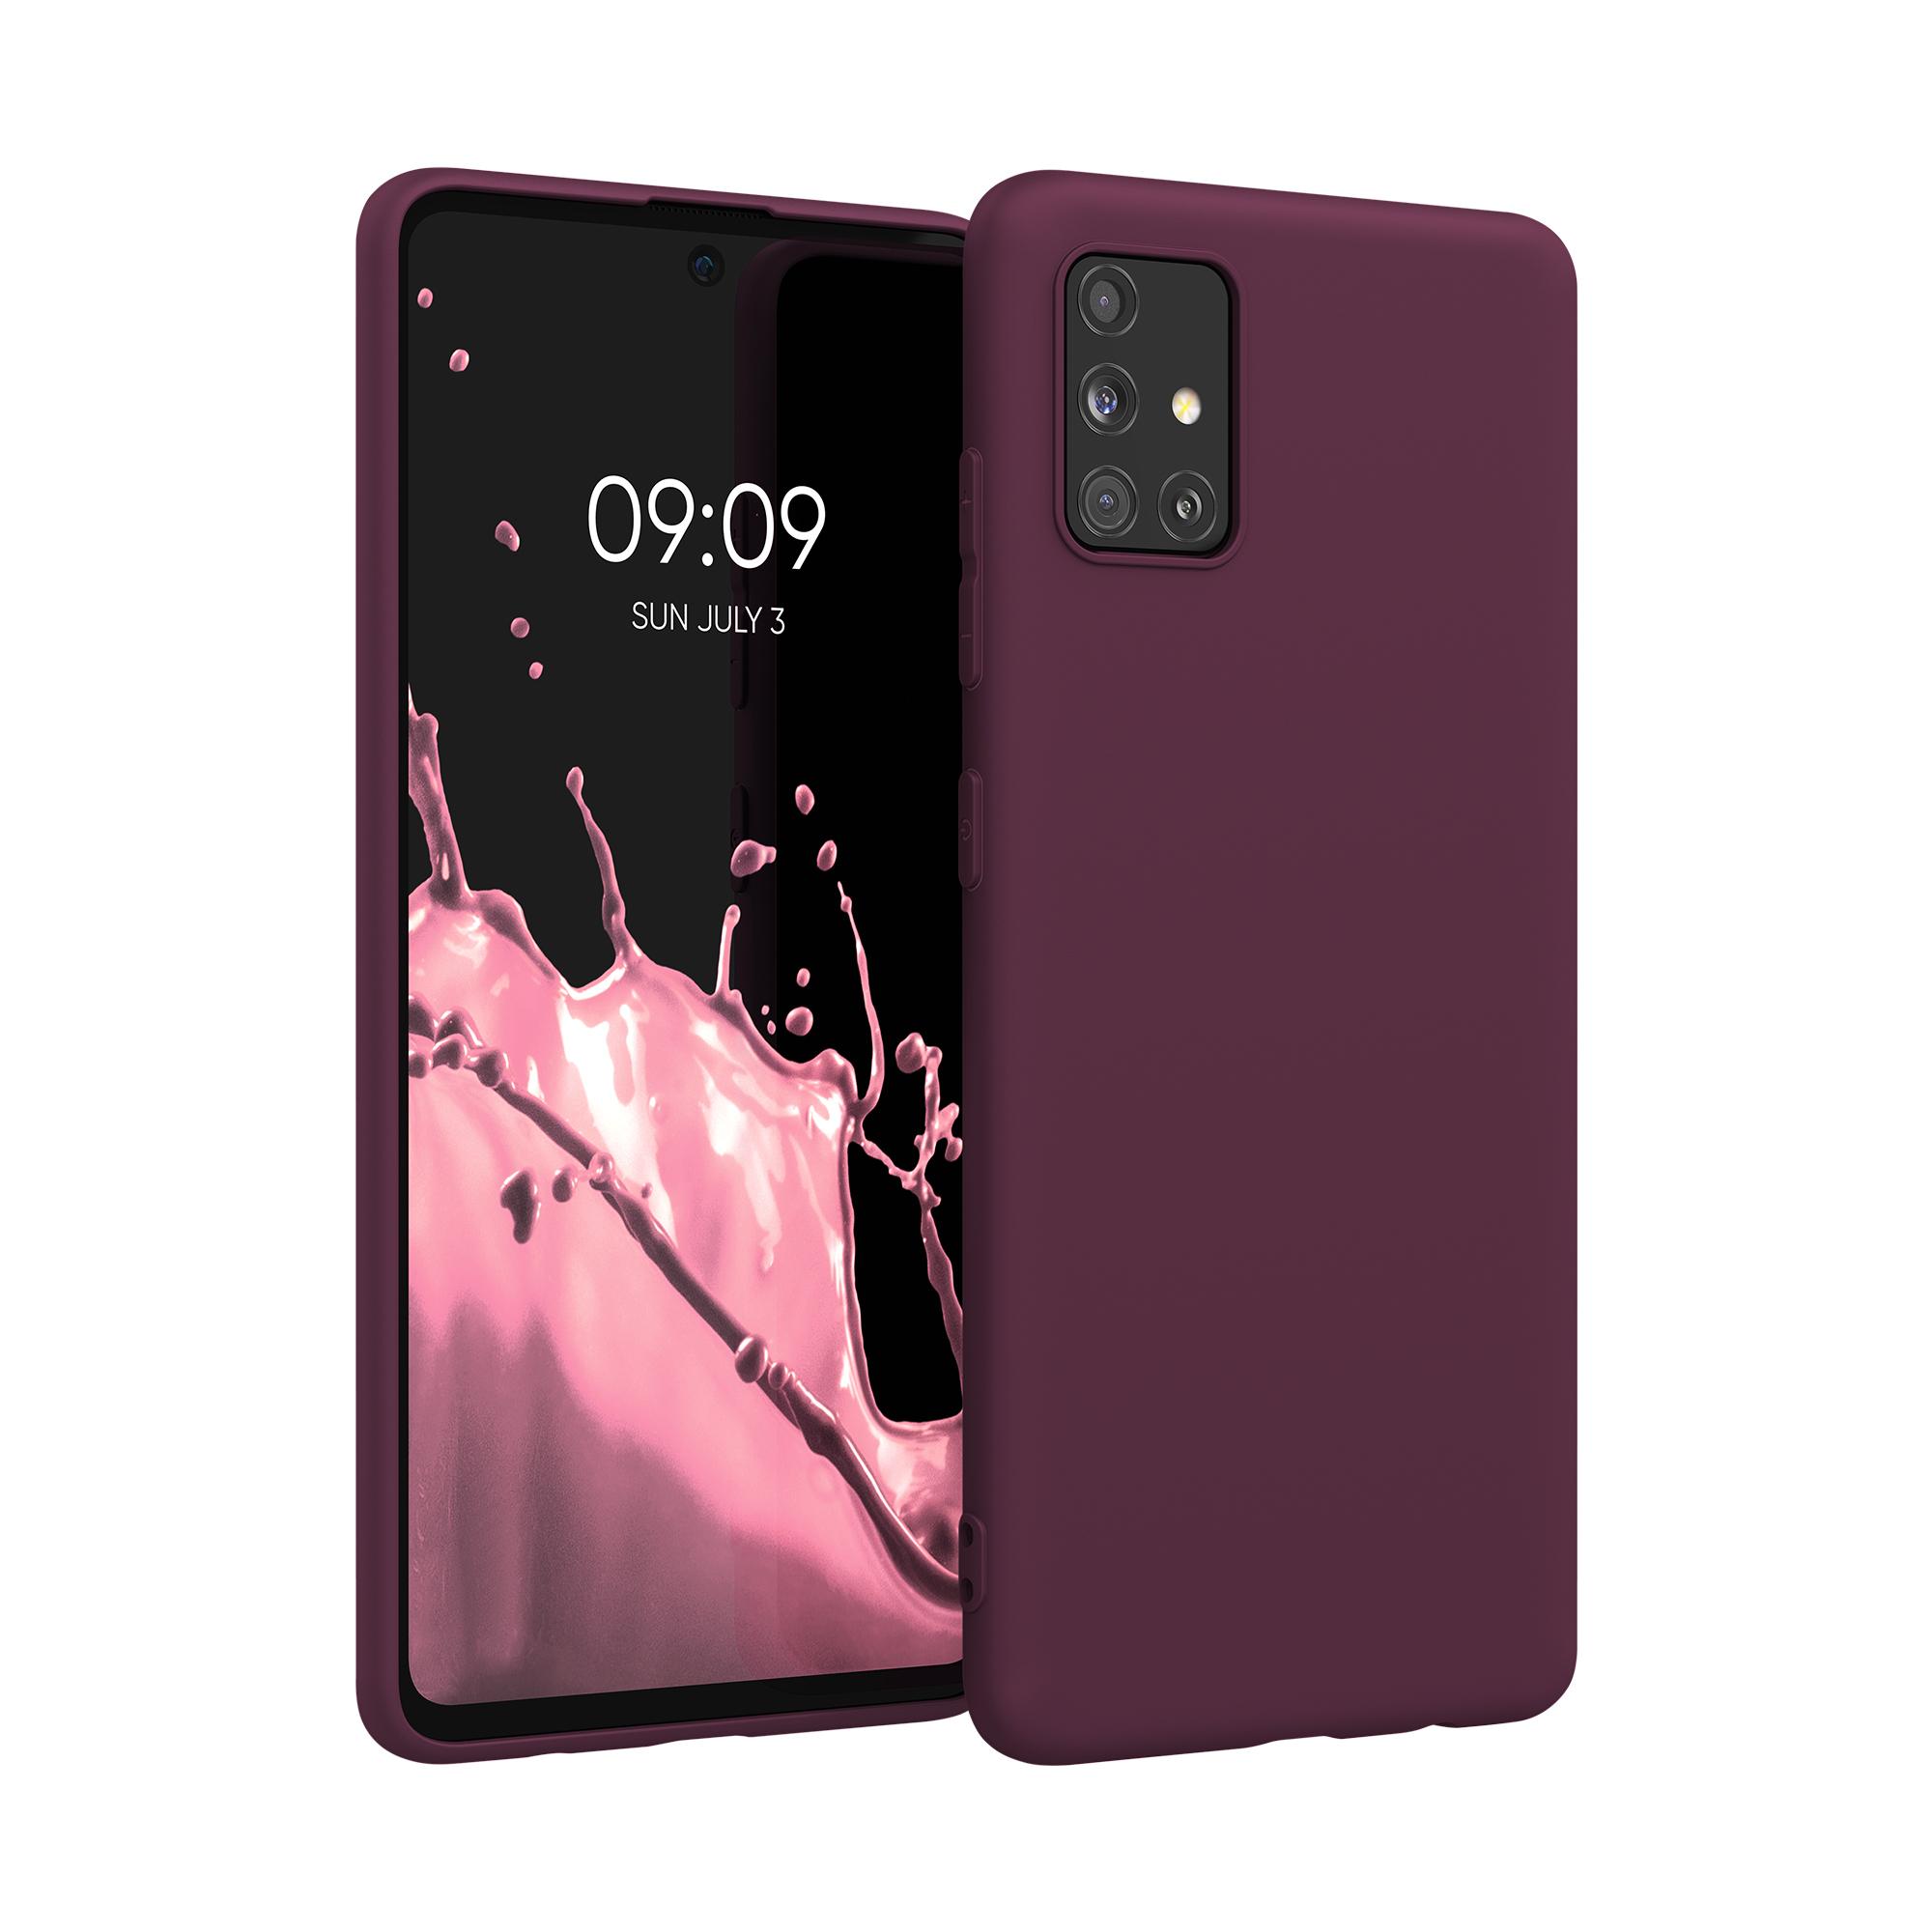 Kvalitní silikonové TPU pouzdro pro Samsung A51 - Bordeaux fialové